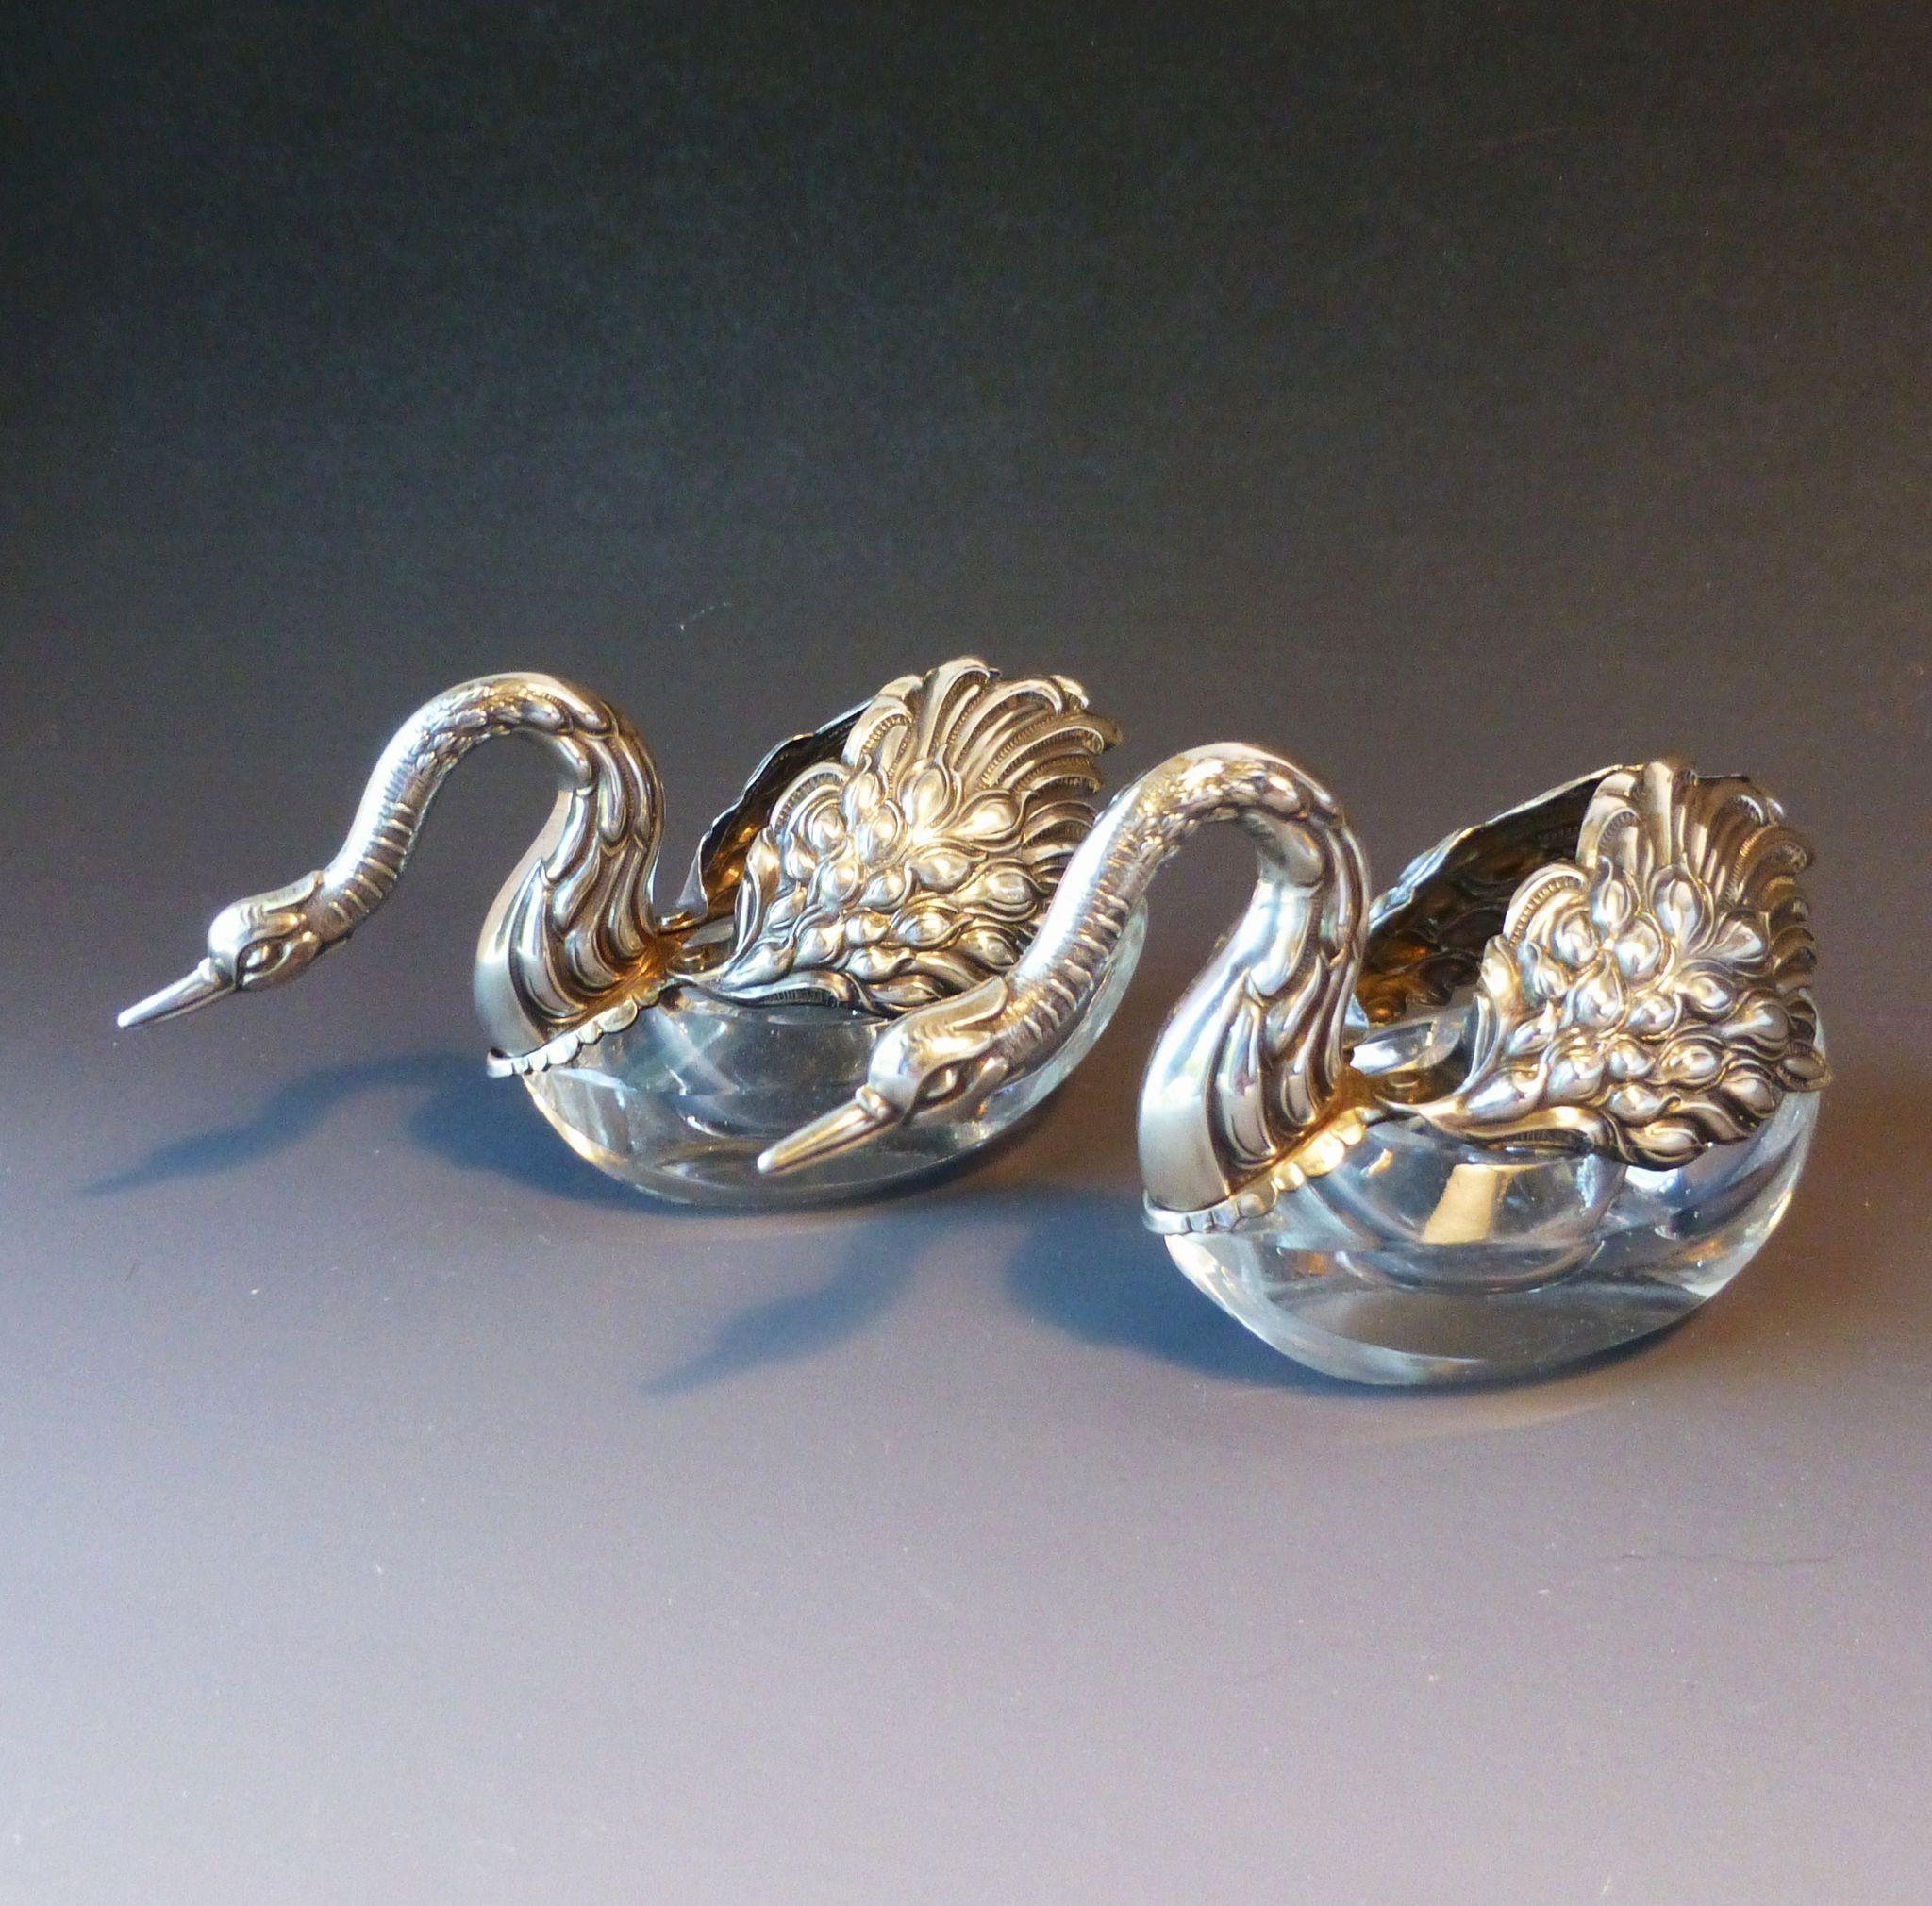 Beautiful vintage salt cellars set of 4 - Vintage Pair Sterling Silver Crystal Glass Swan Double Salt Cellars Striking Swans With Heads